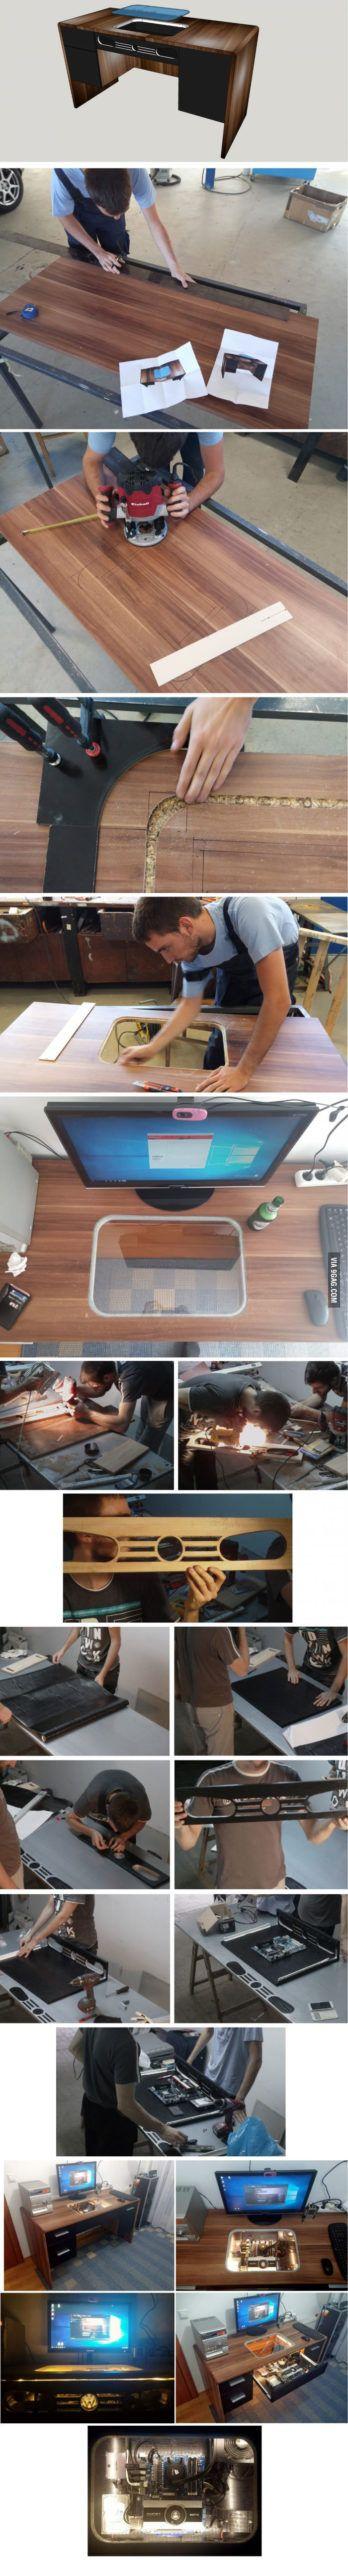 """Proyecto de bricolaje """"PC en la mesa"""" (enlace de video en los comentarios)"""